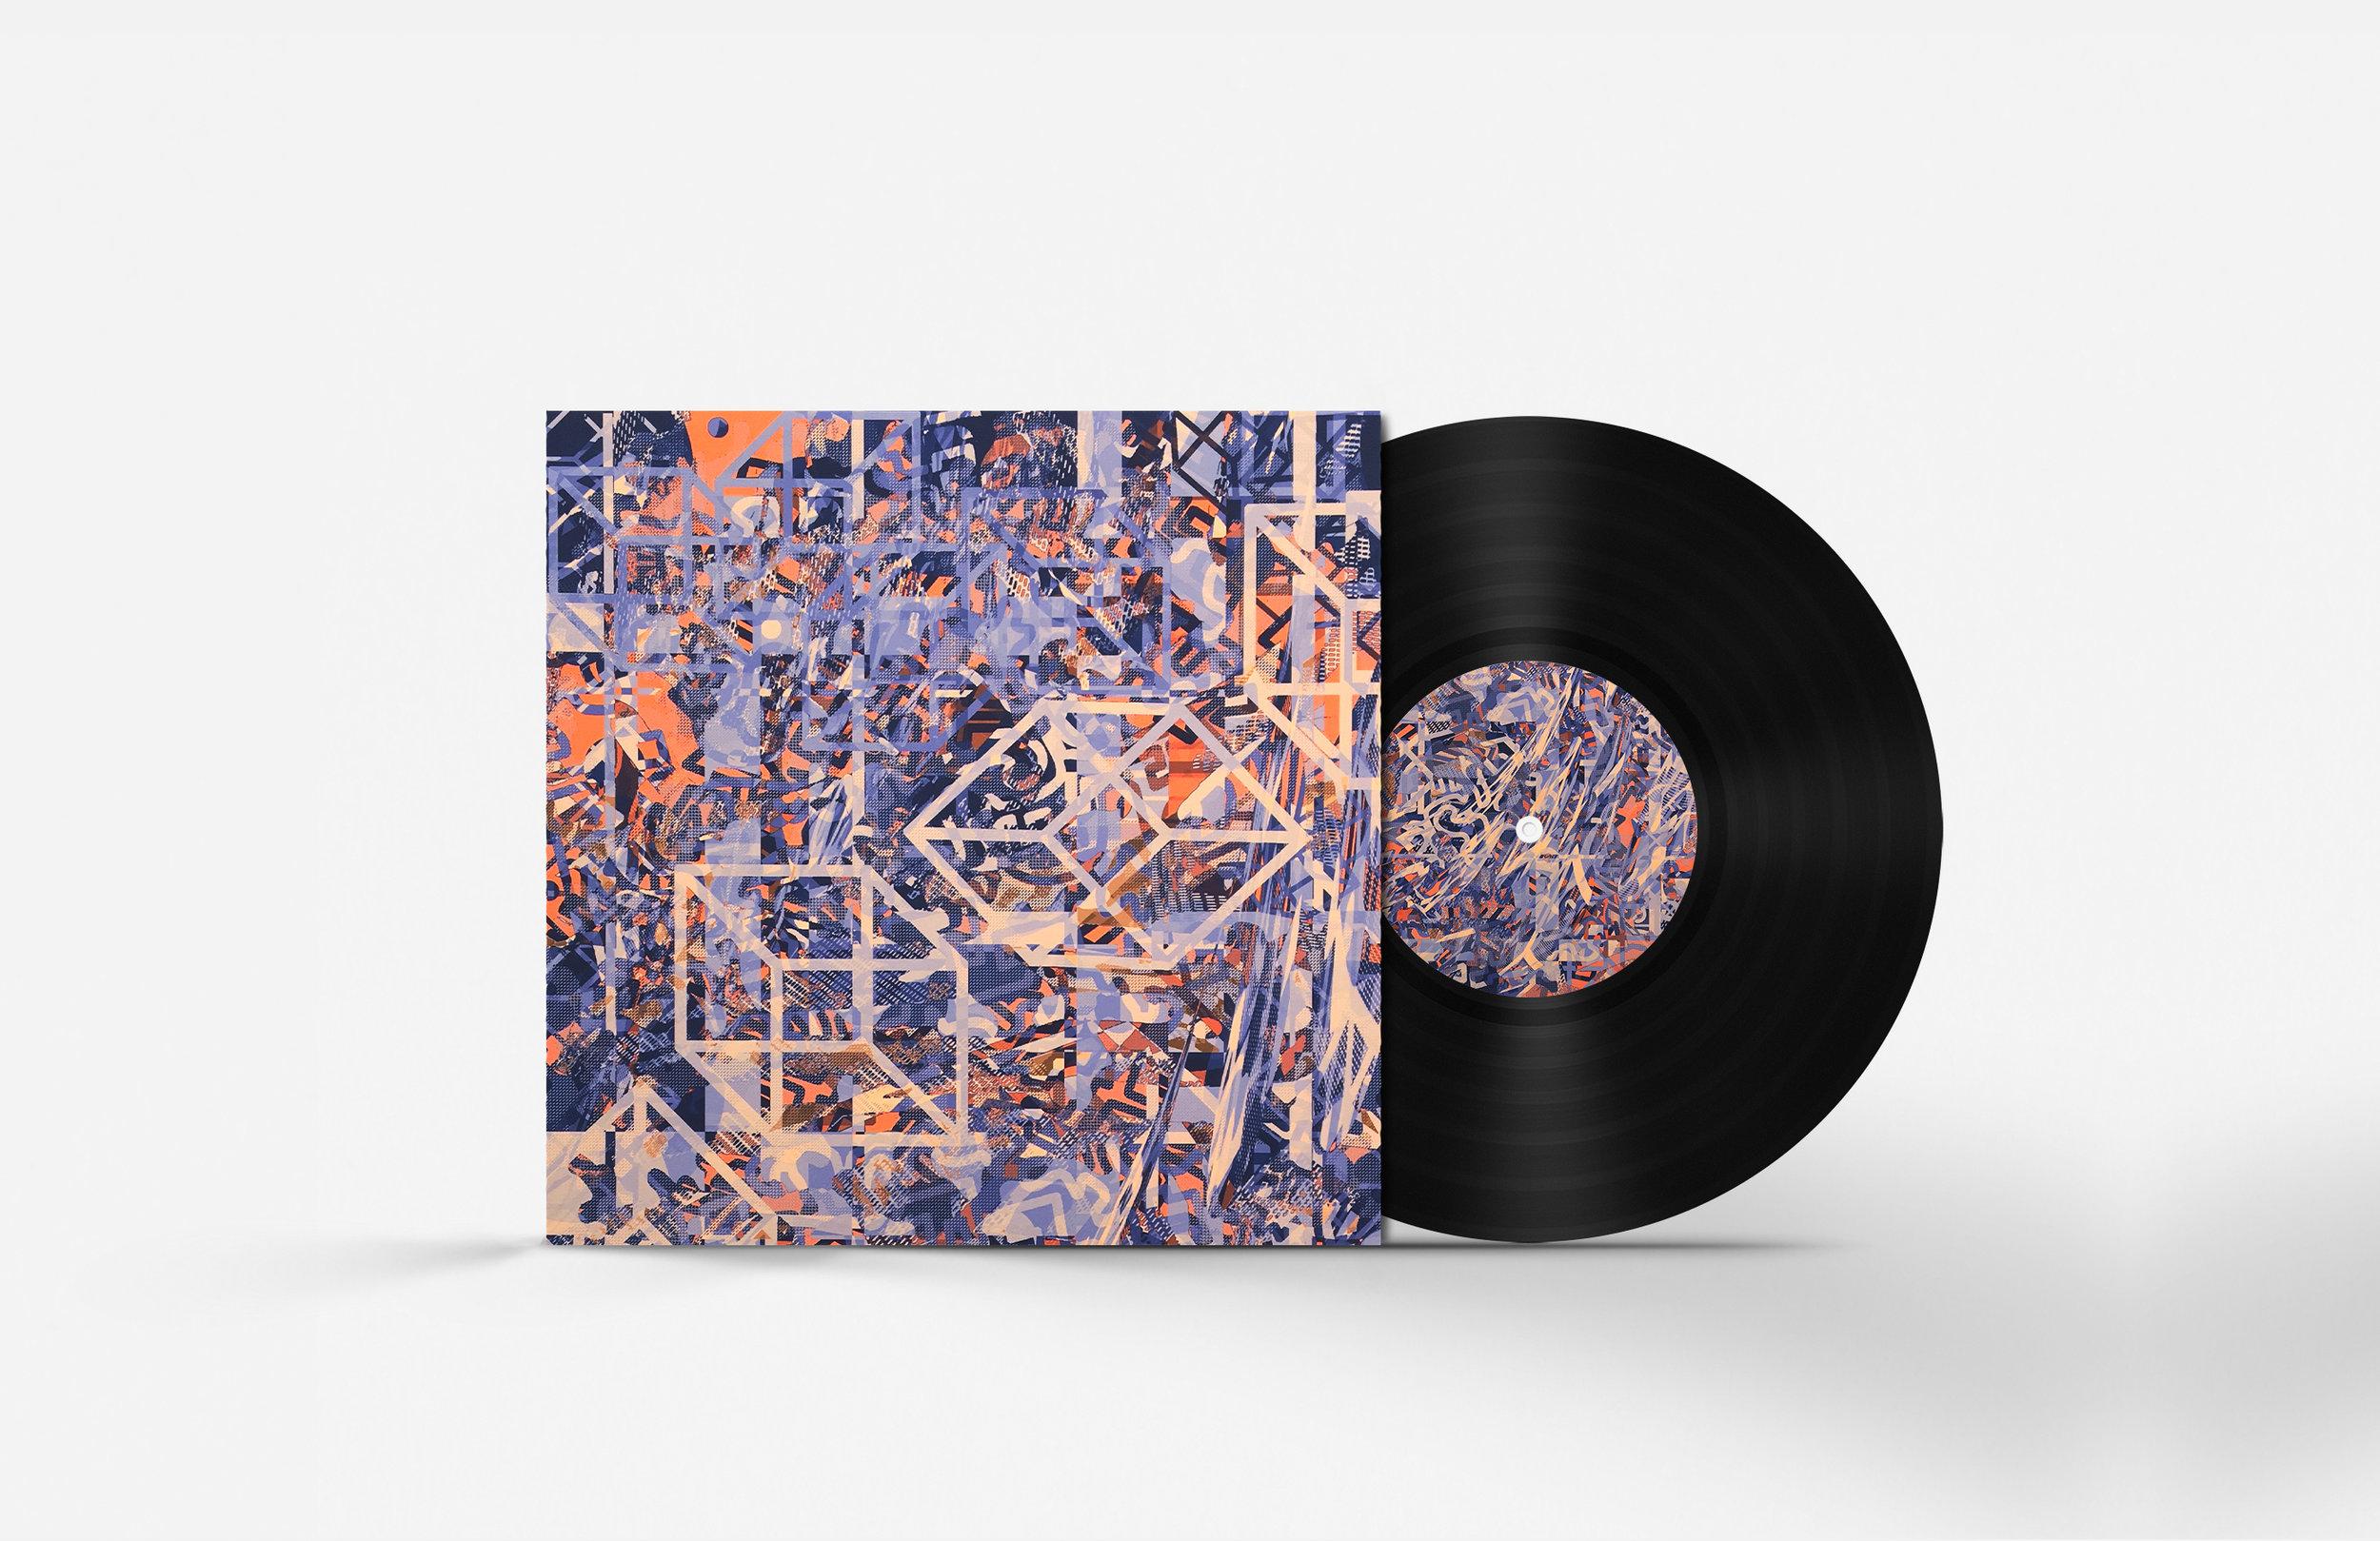 MindSea_Vinyl.jpg